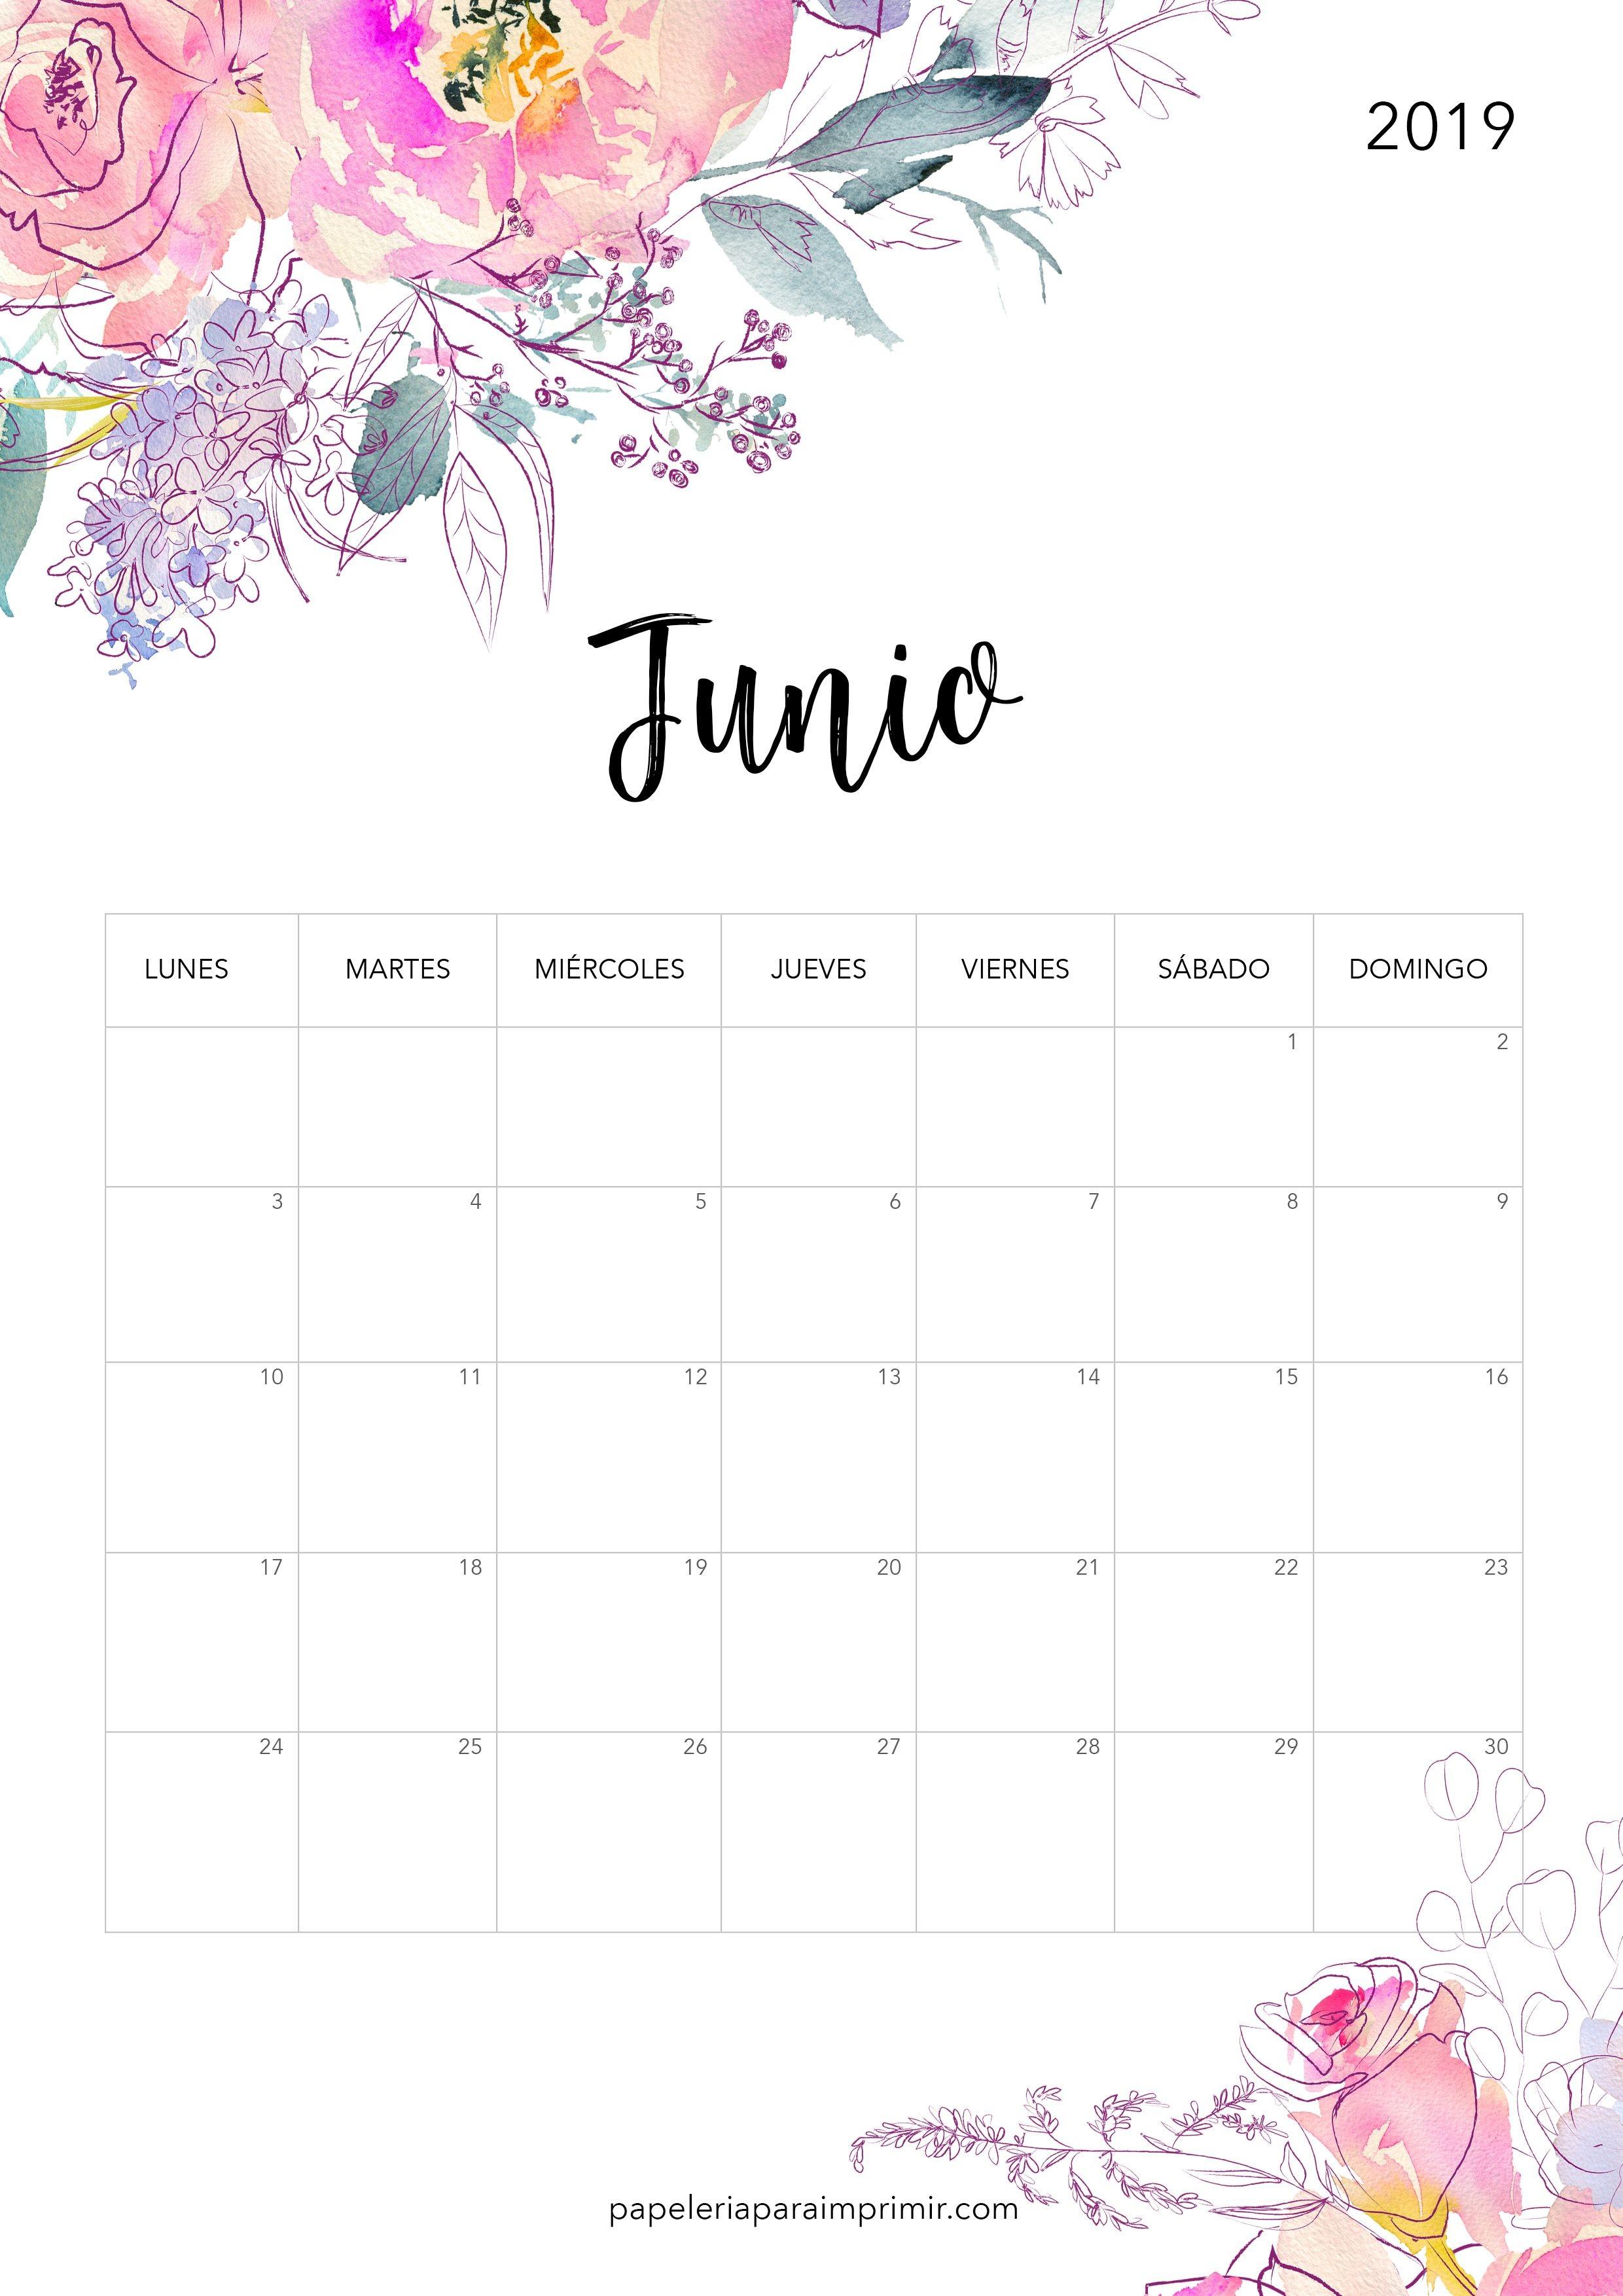 Calendario De Adviento 2017 Para Imprimir Gratis Más Arriba-a-fecha Calendario Para Imprimir Junio 2019 Calendario Imprimir Junio Of Calendario De Adviento 2017 Para Imprimir Gratis Actual Calendari D Advent Diy Descargable Gratis En 3 Binacions De